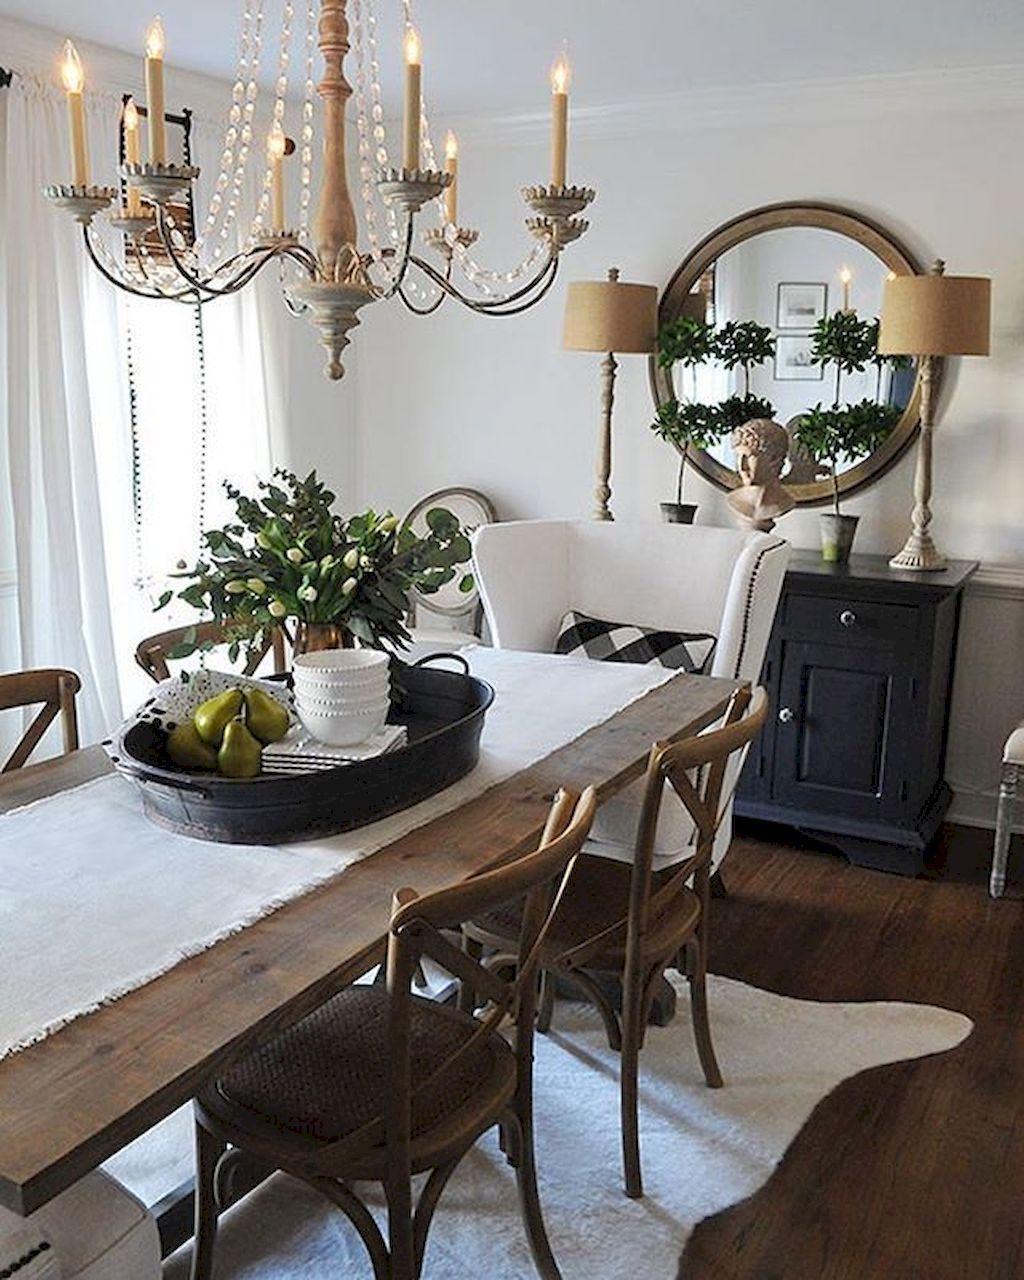 Farmhouse Dining Table Centerpiece Ideas: 80 Gorgeous Farmhouse Dining Room Table And Decorating